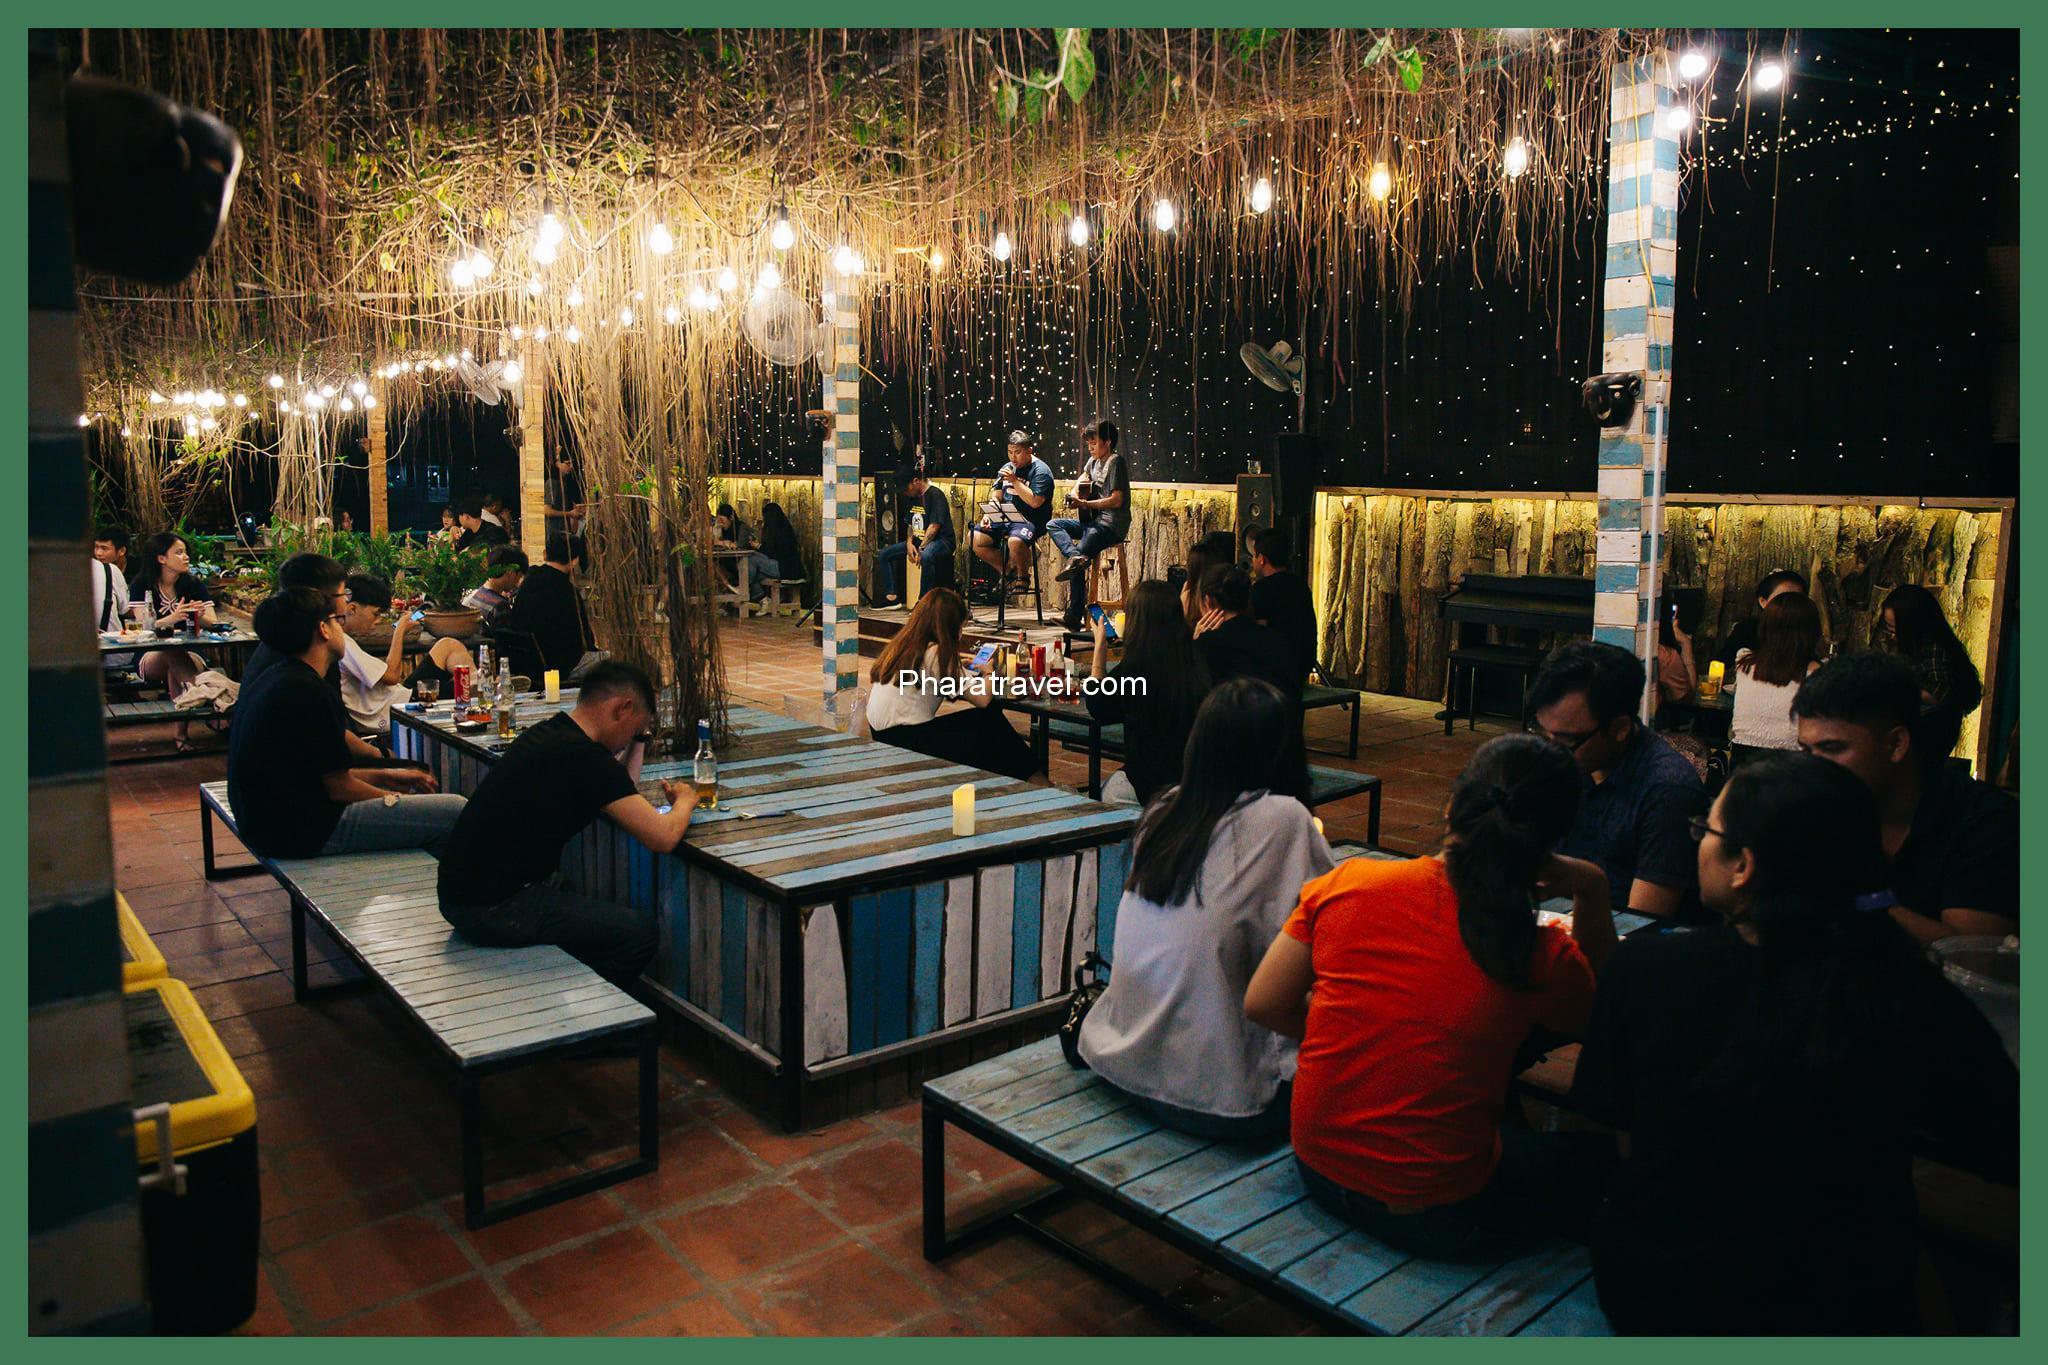 bia úp ngược Phan Rang Ninh Thuận: Top 10 quán bạn không thể bỏ qua